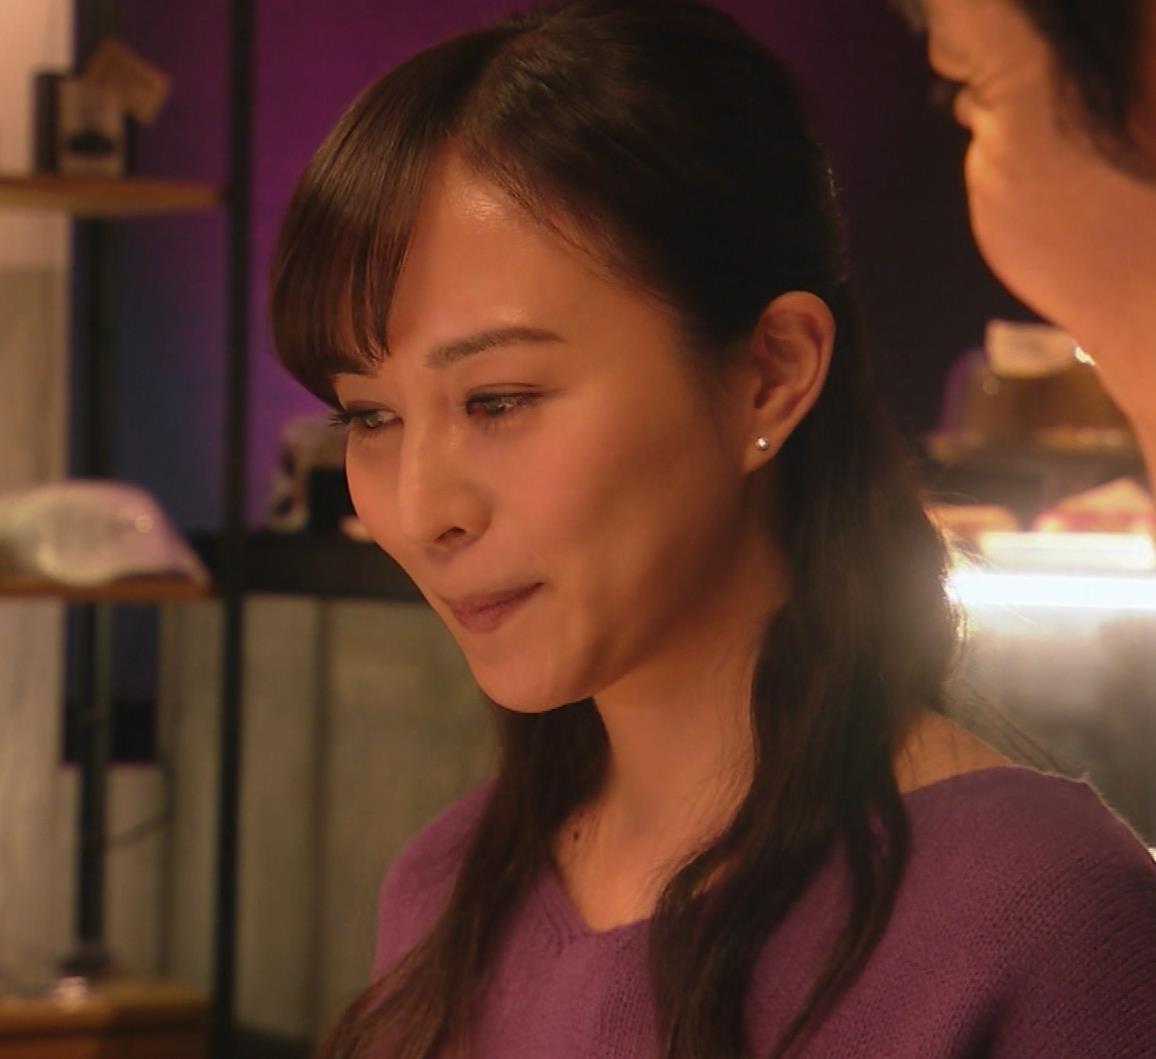 比嘉愛未 看護師役(ナース服) 「DOCTORS 最強の名医」キャプ・エロ画像12